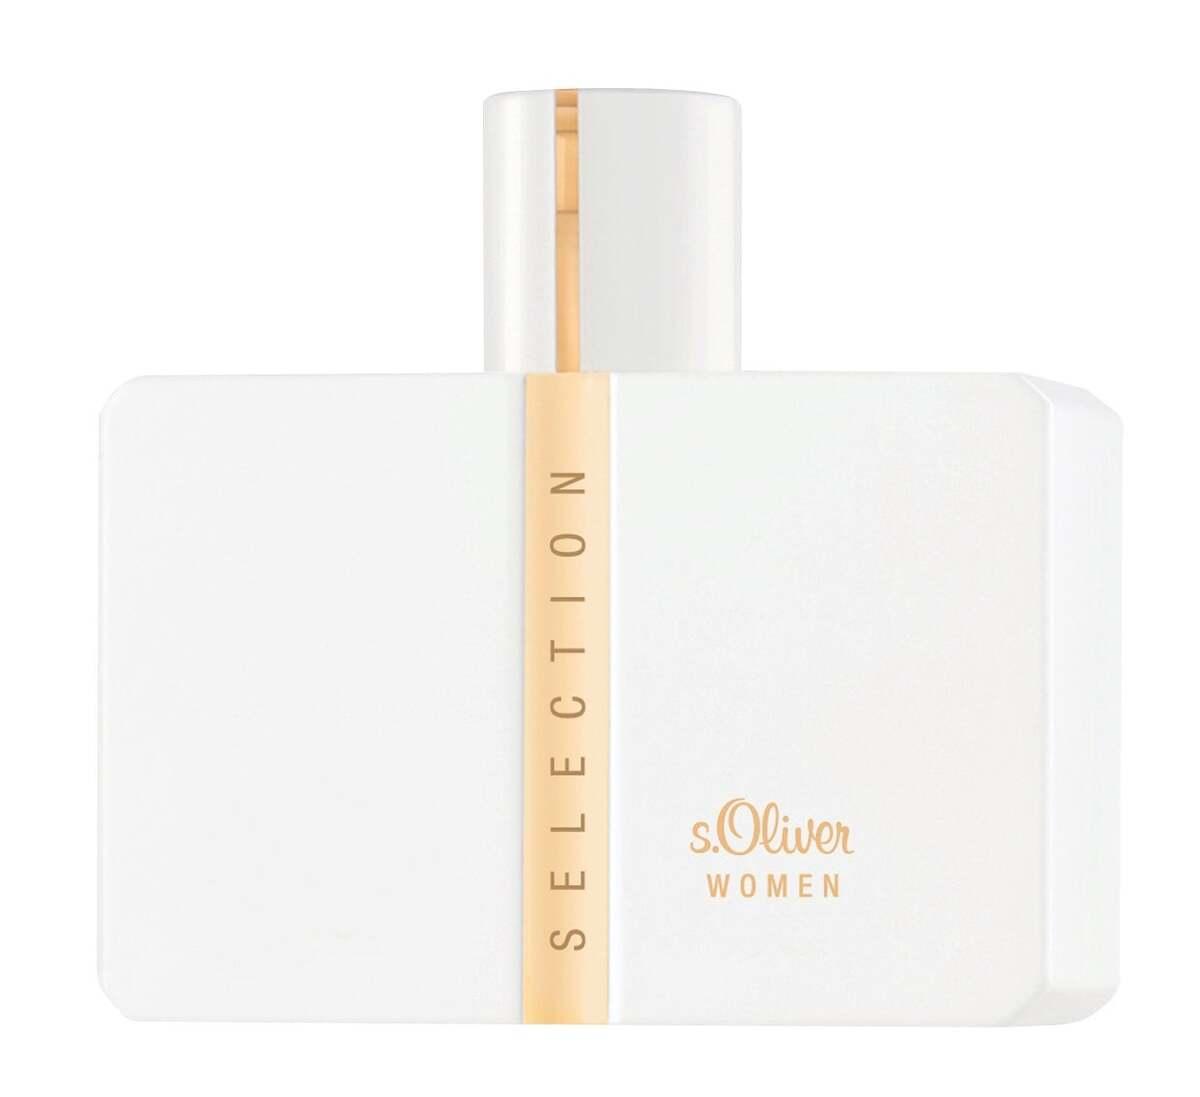 Bild 1 von s.Oliver Selection Women Eau de Toilette 33.17 EUR/ 100 ml